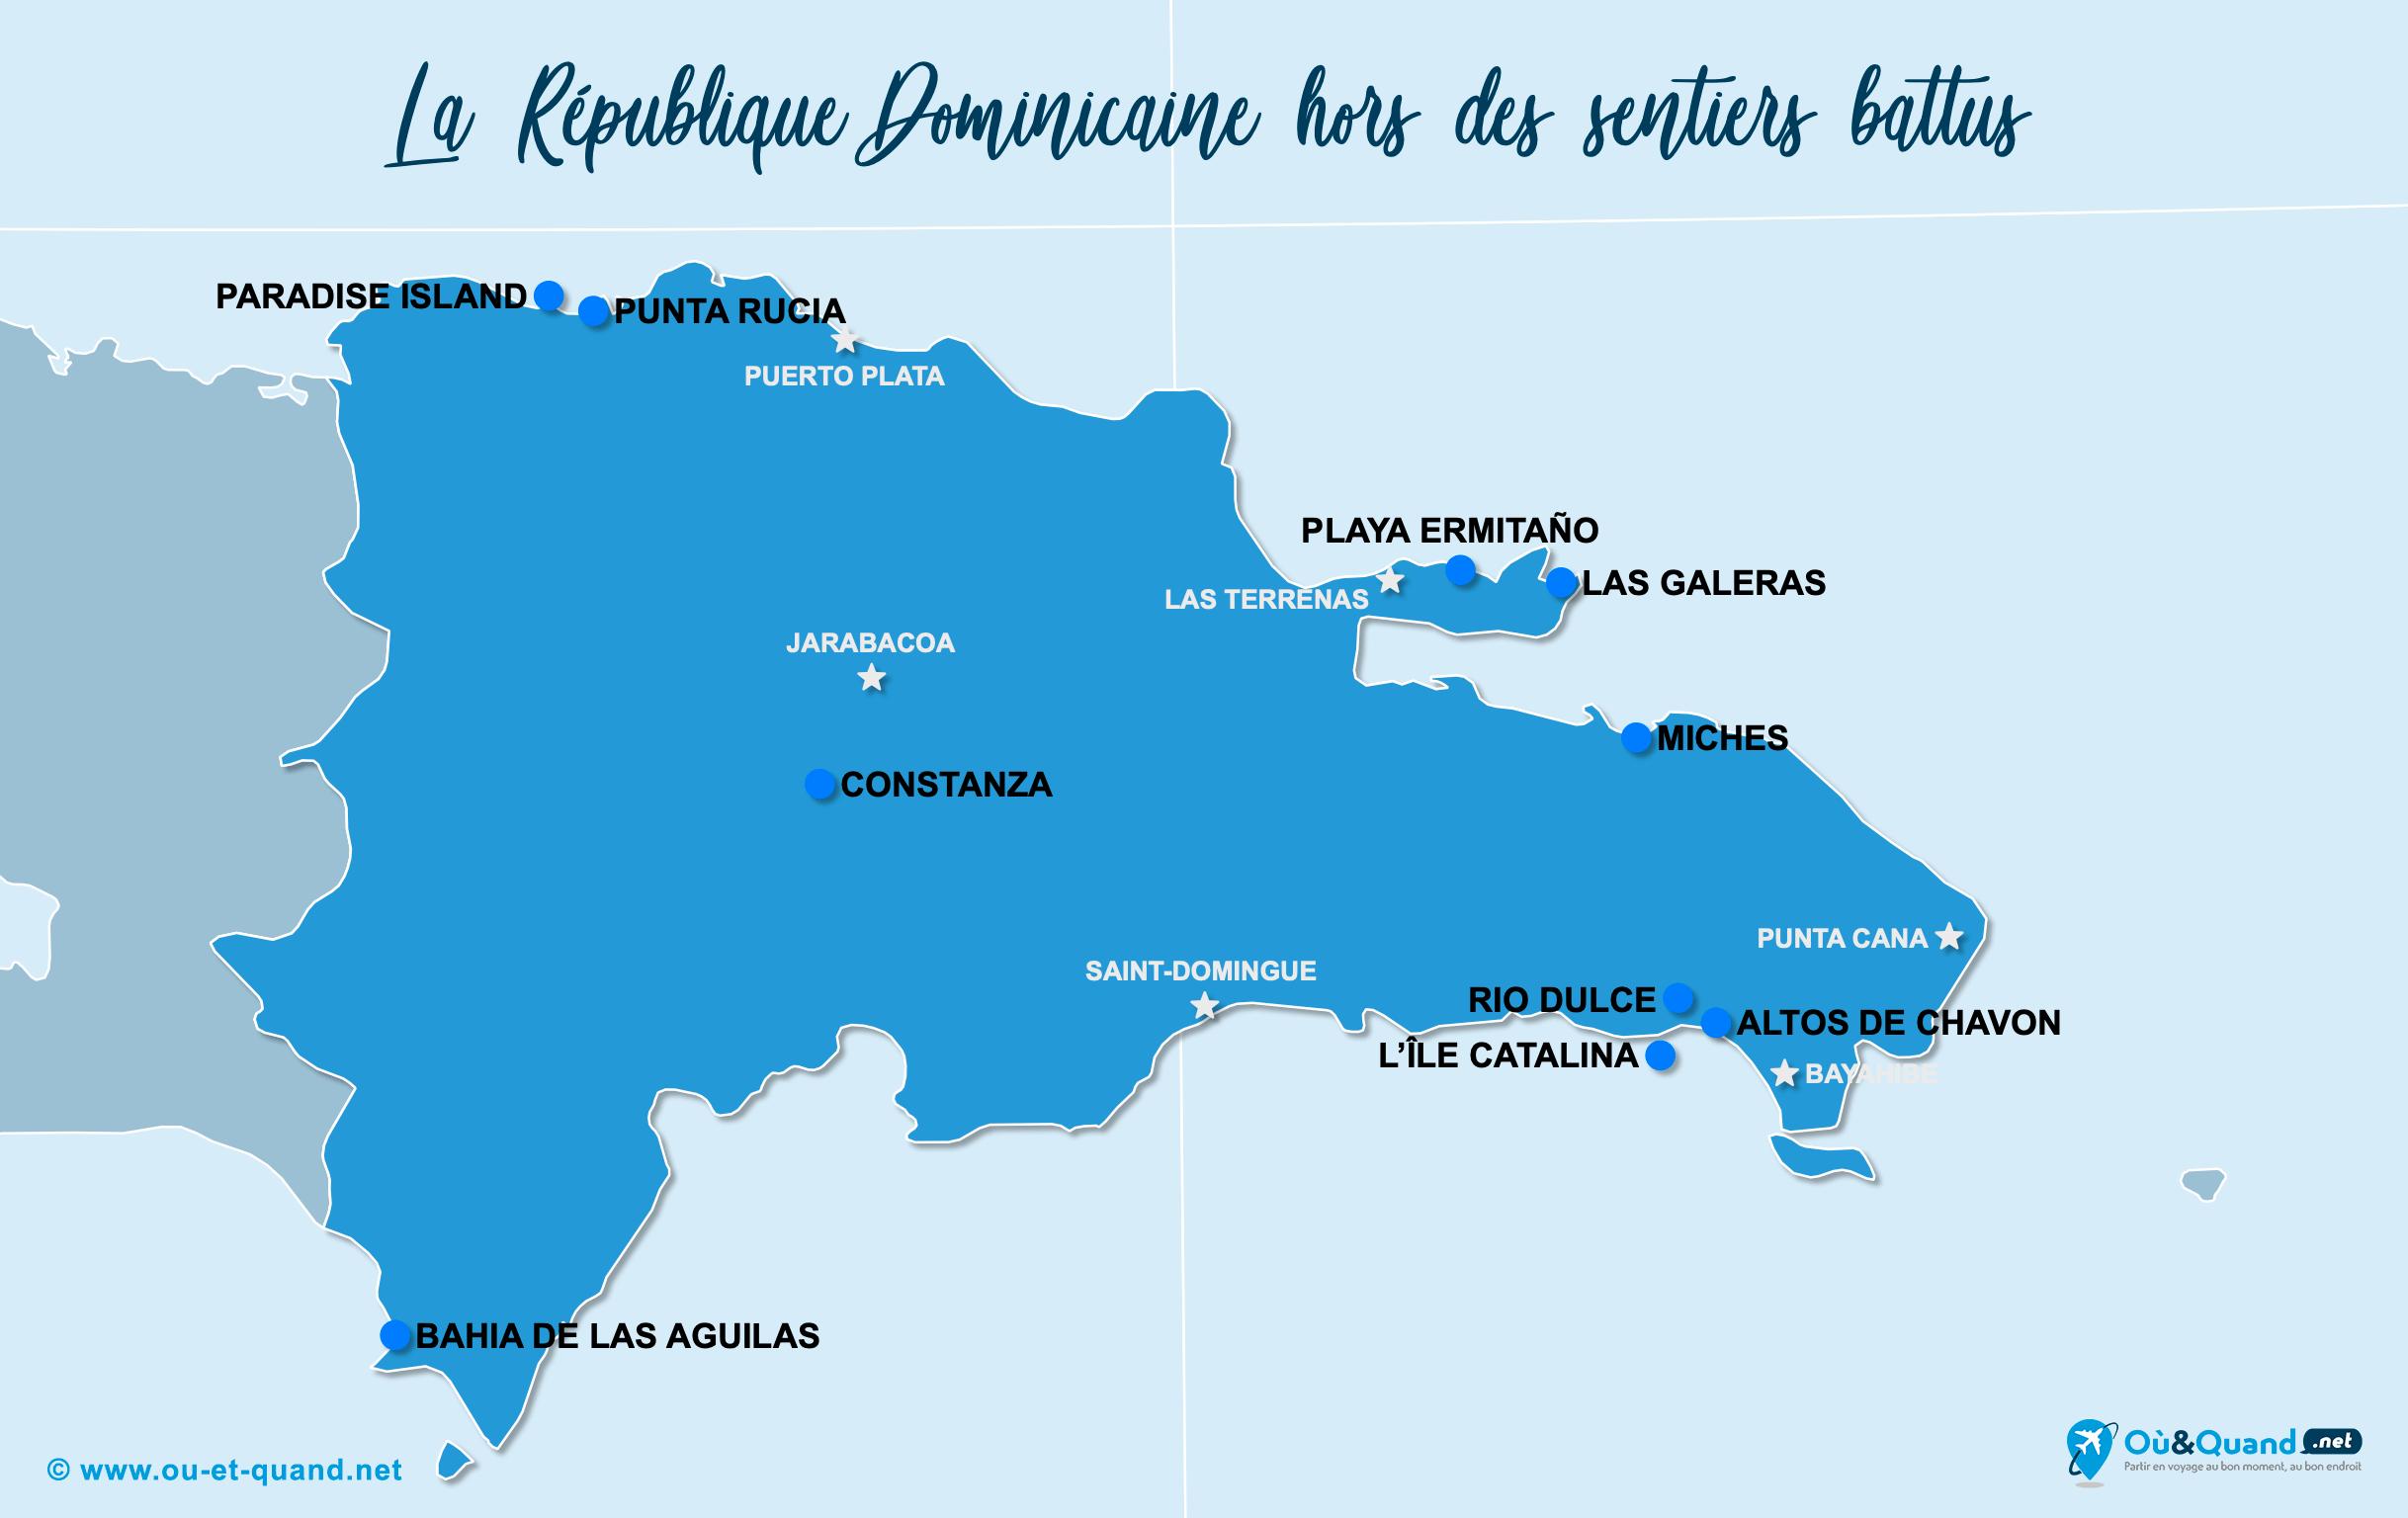 Carte République Dominicaine : La République Dominicaine hors des sentiers battus